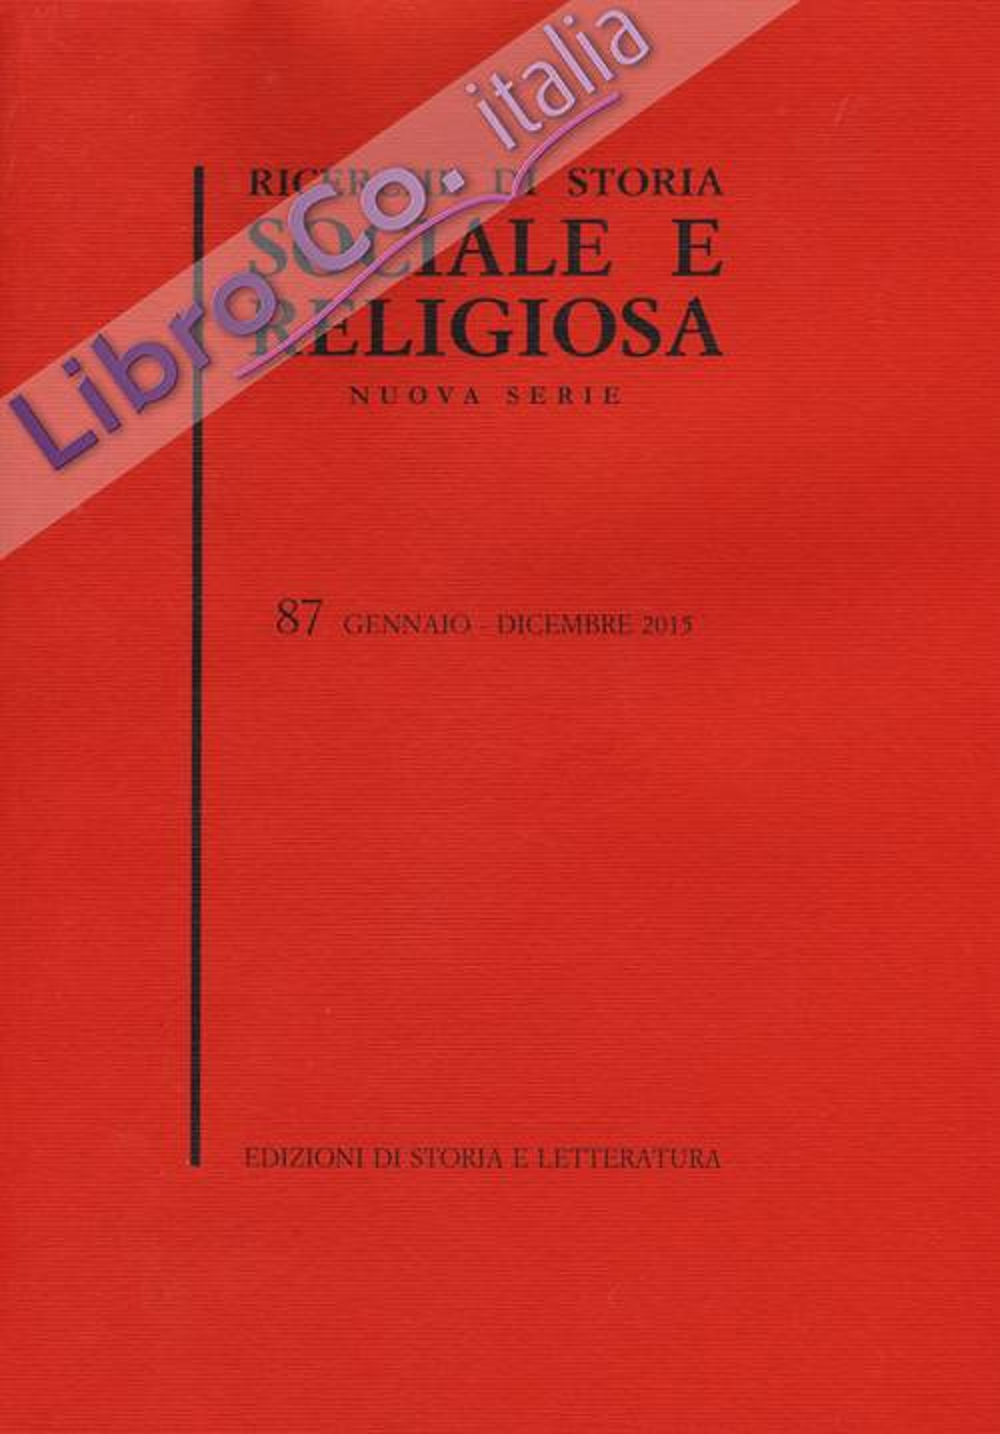 Ricerche di storia sociale e religiosa. Vol. 87